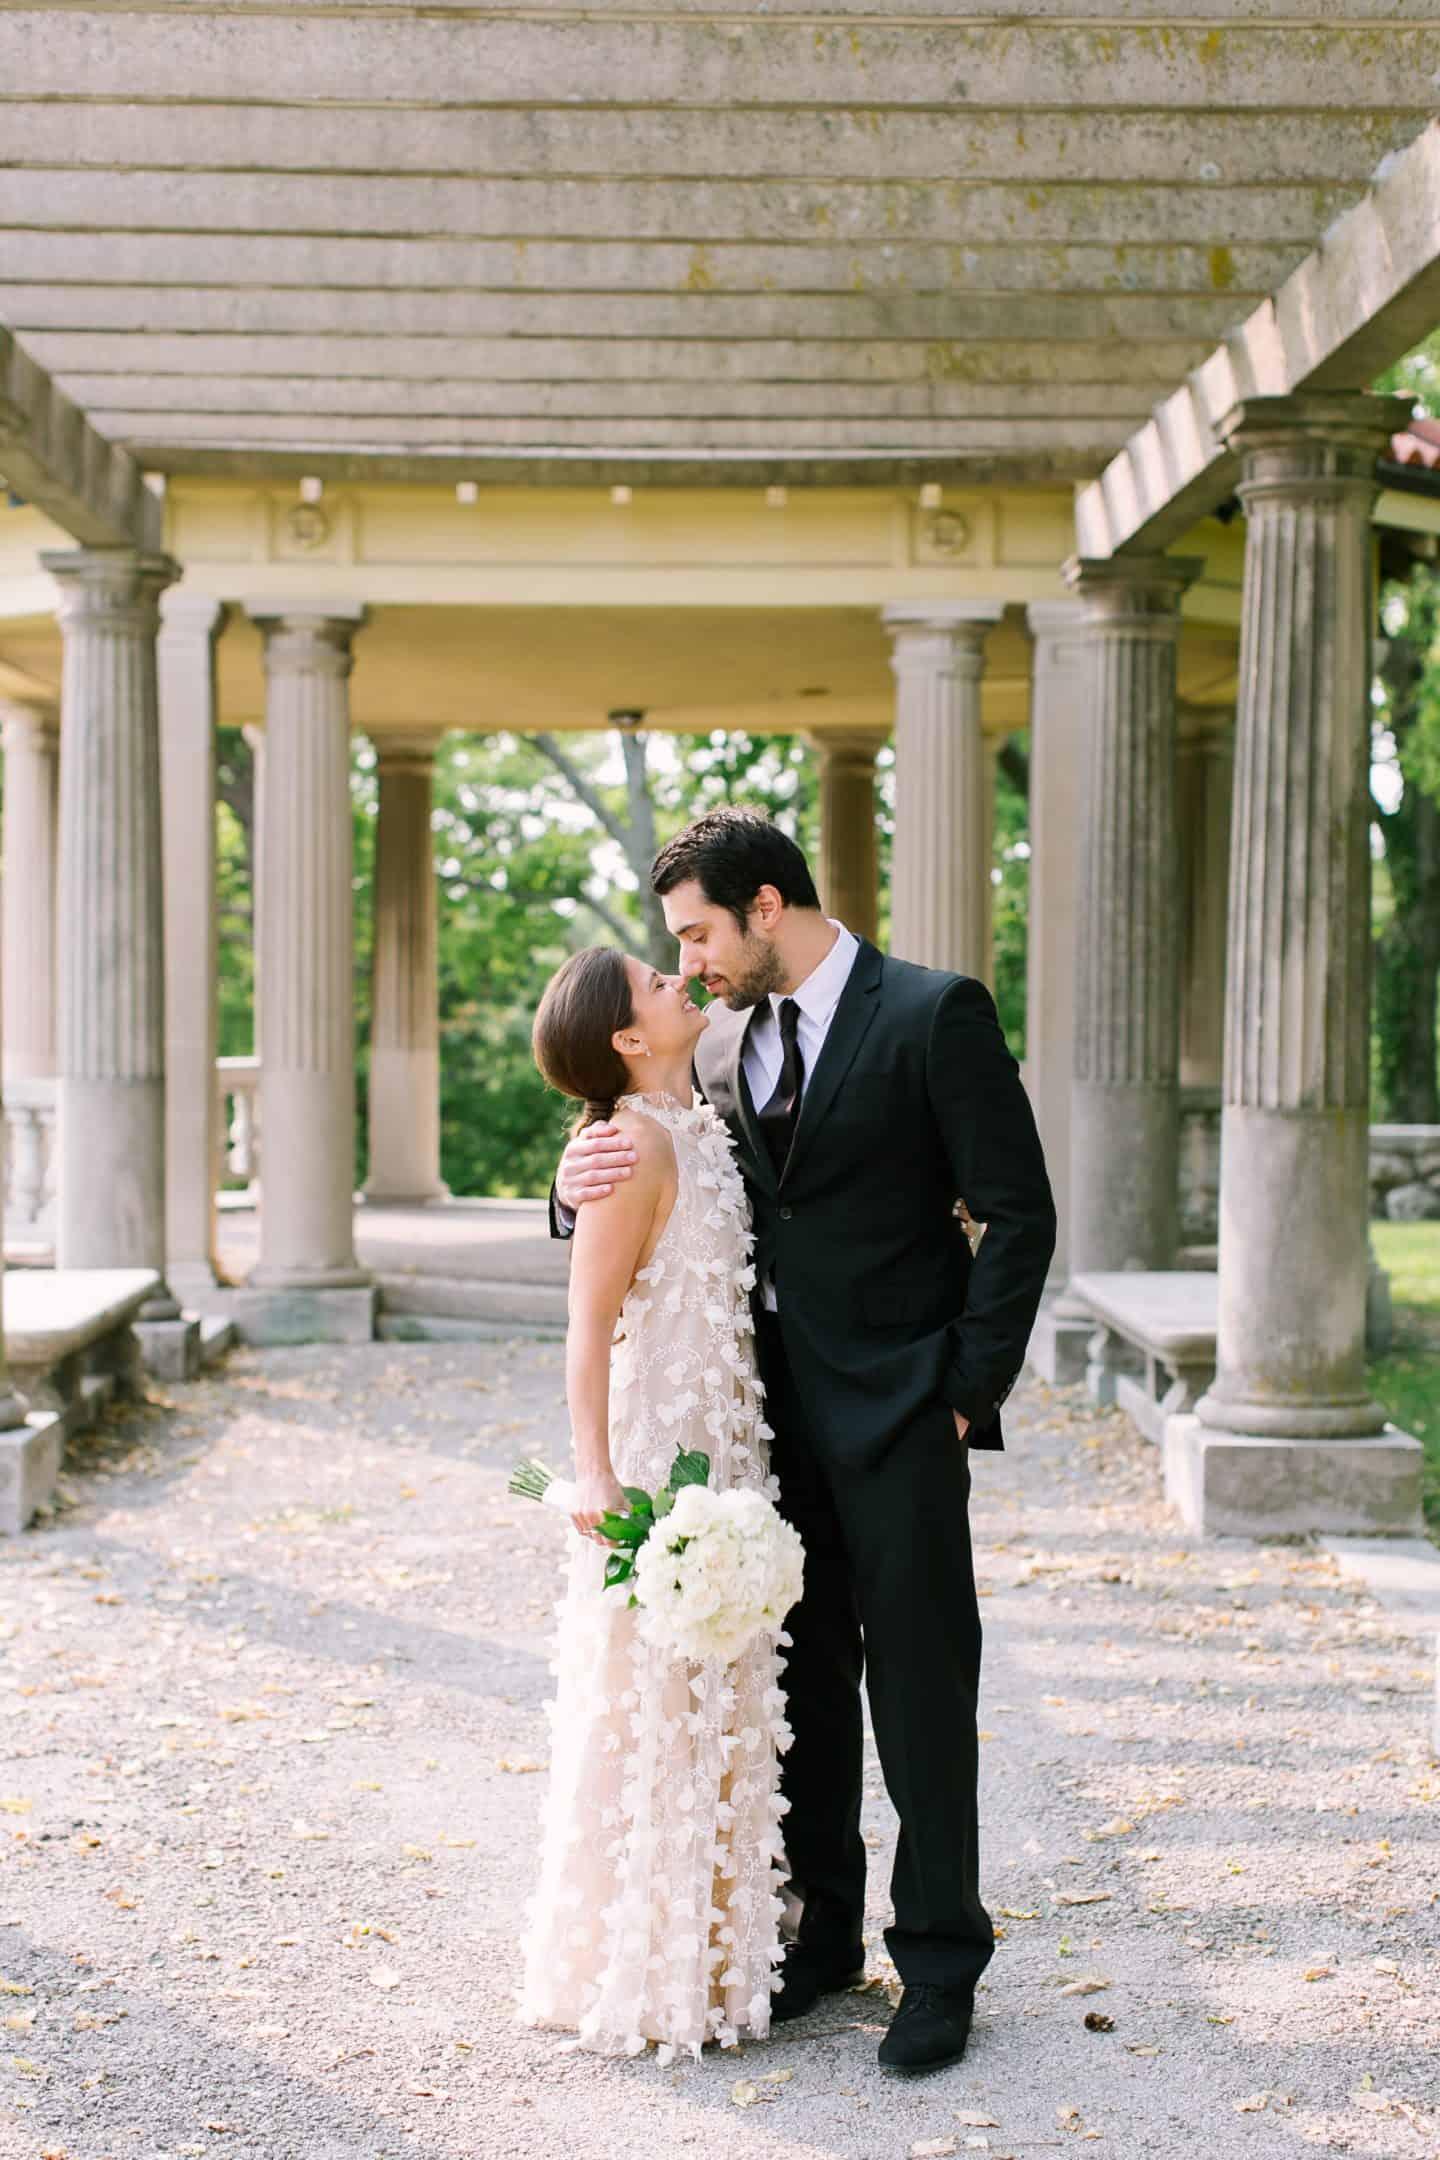 The concourse wedding location KC MO